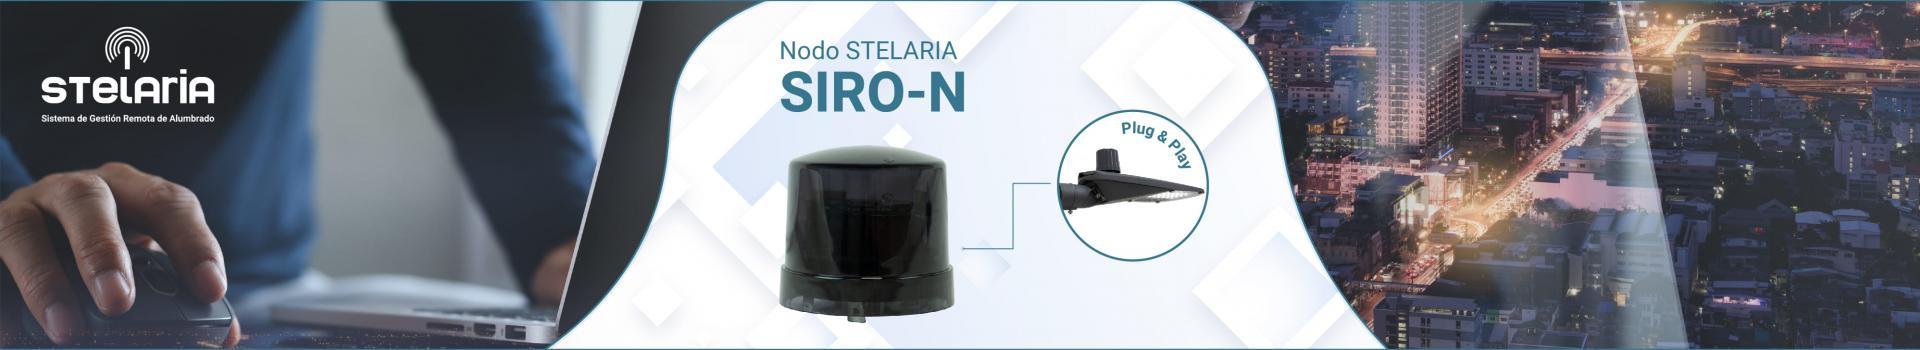 https://www.elt.es/siro-n